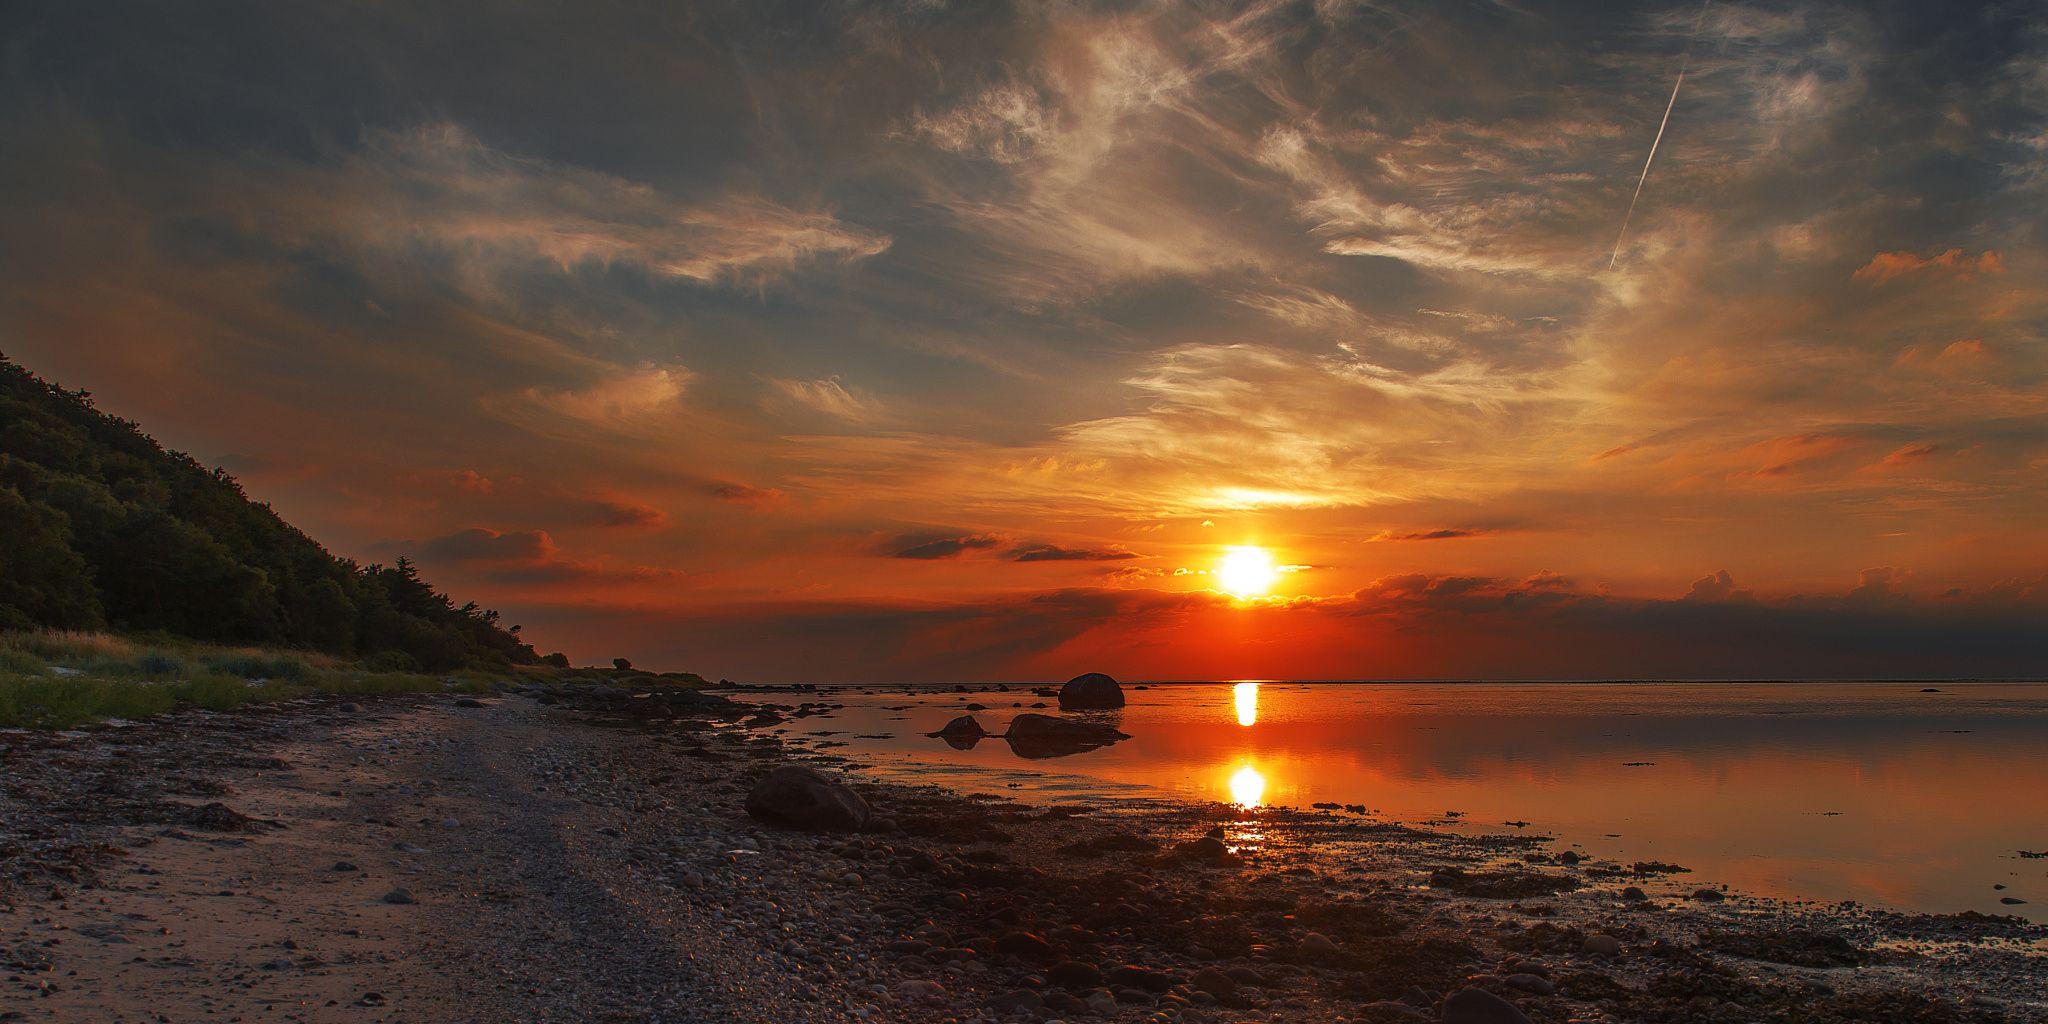 Summer sun. by Leif Løndal on 500px